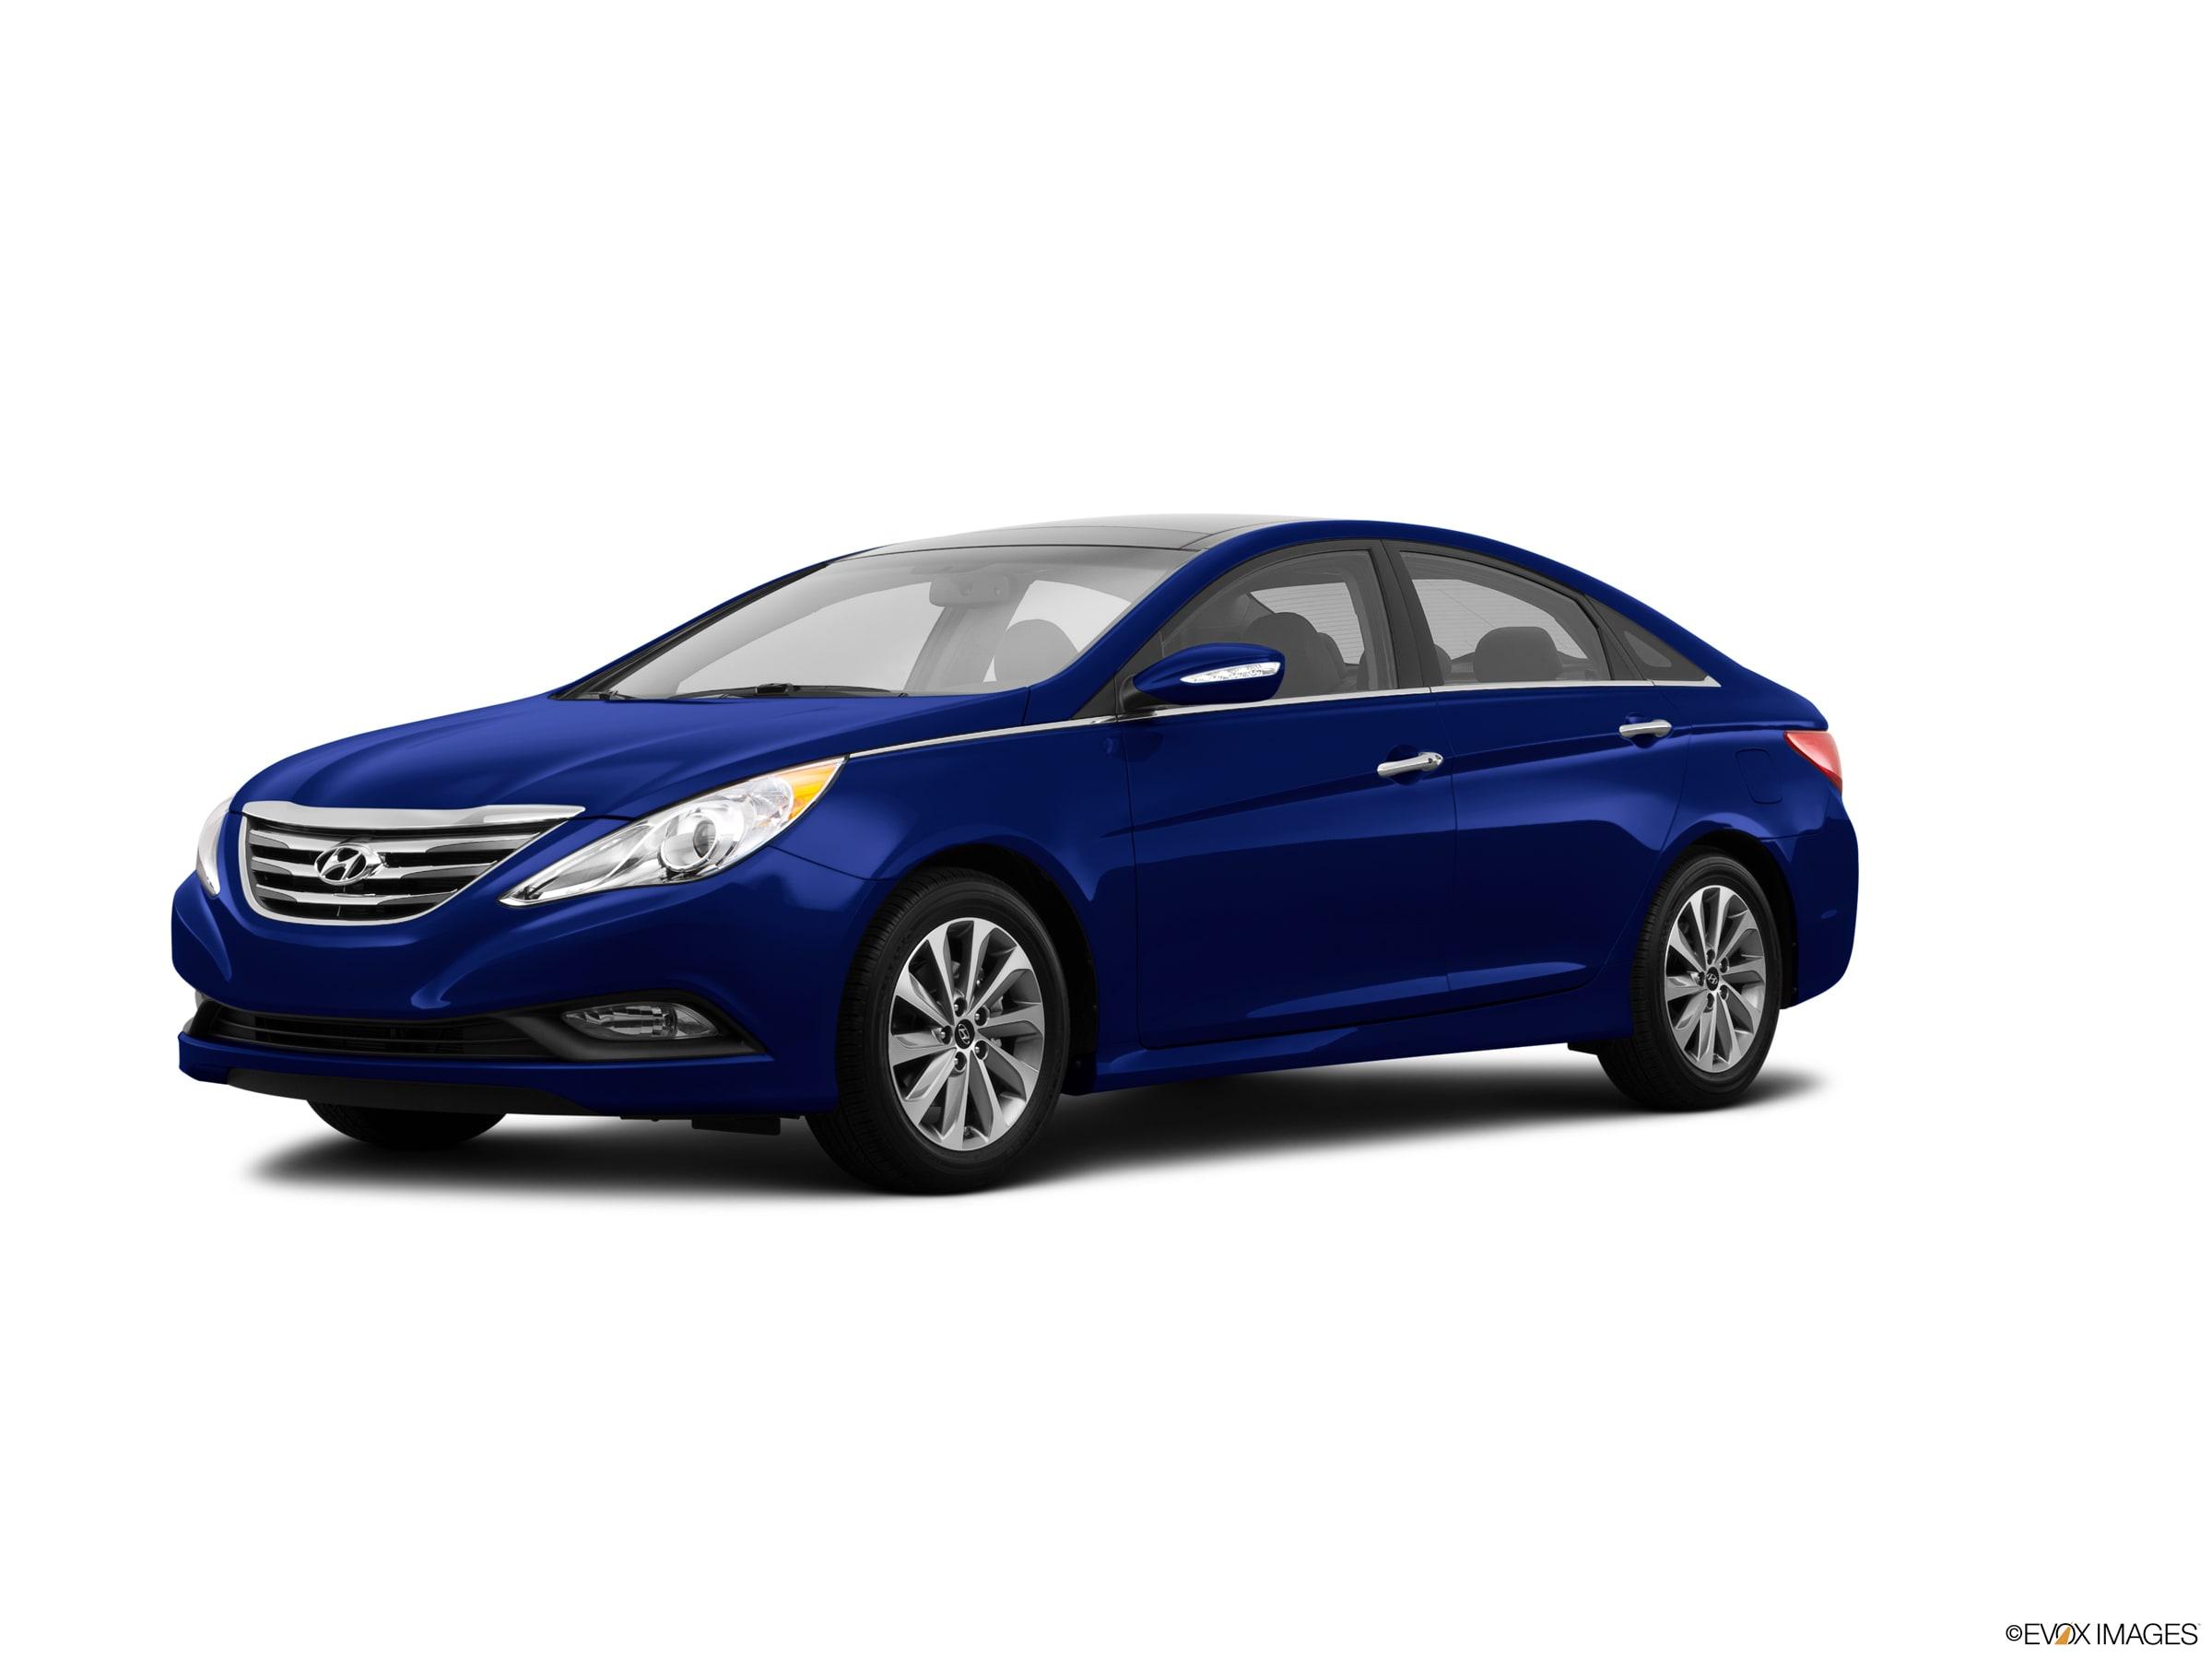 2014 Hyundai Sonata GLS Sedan for sale in Batavia